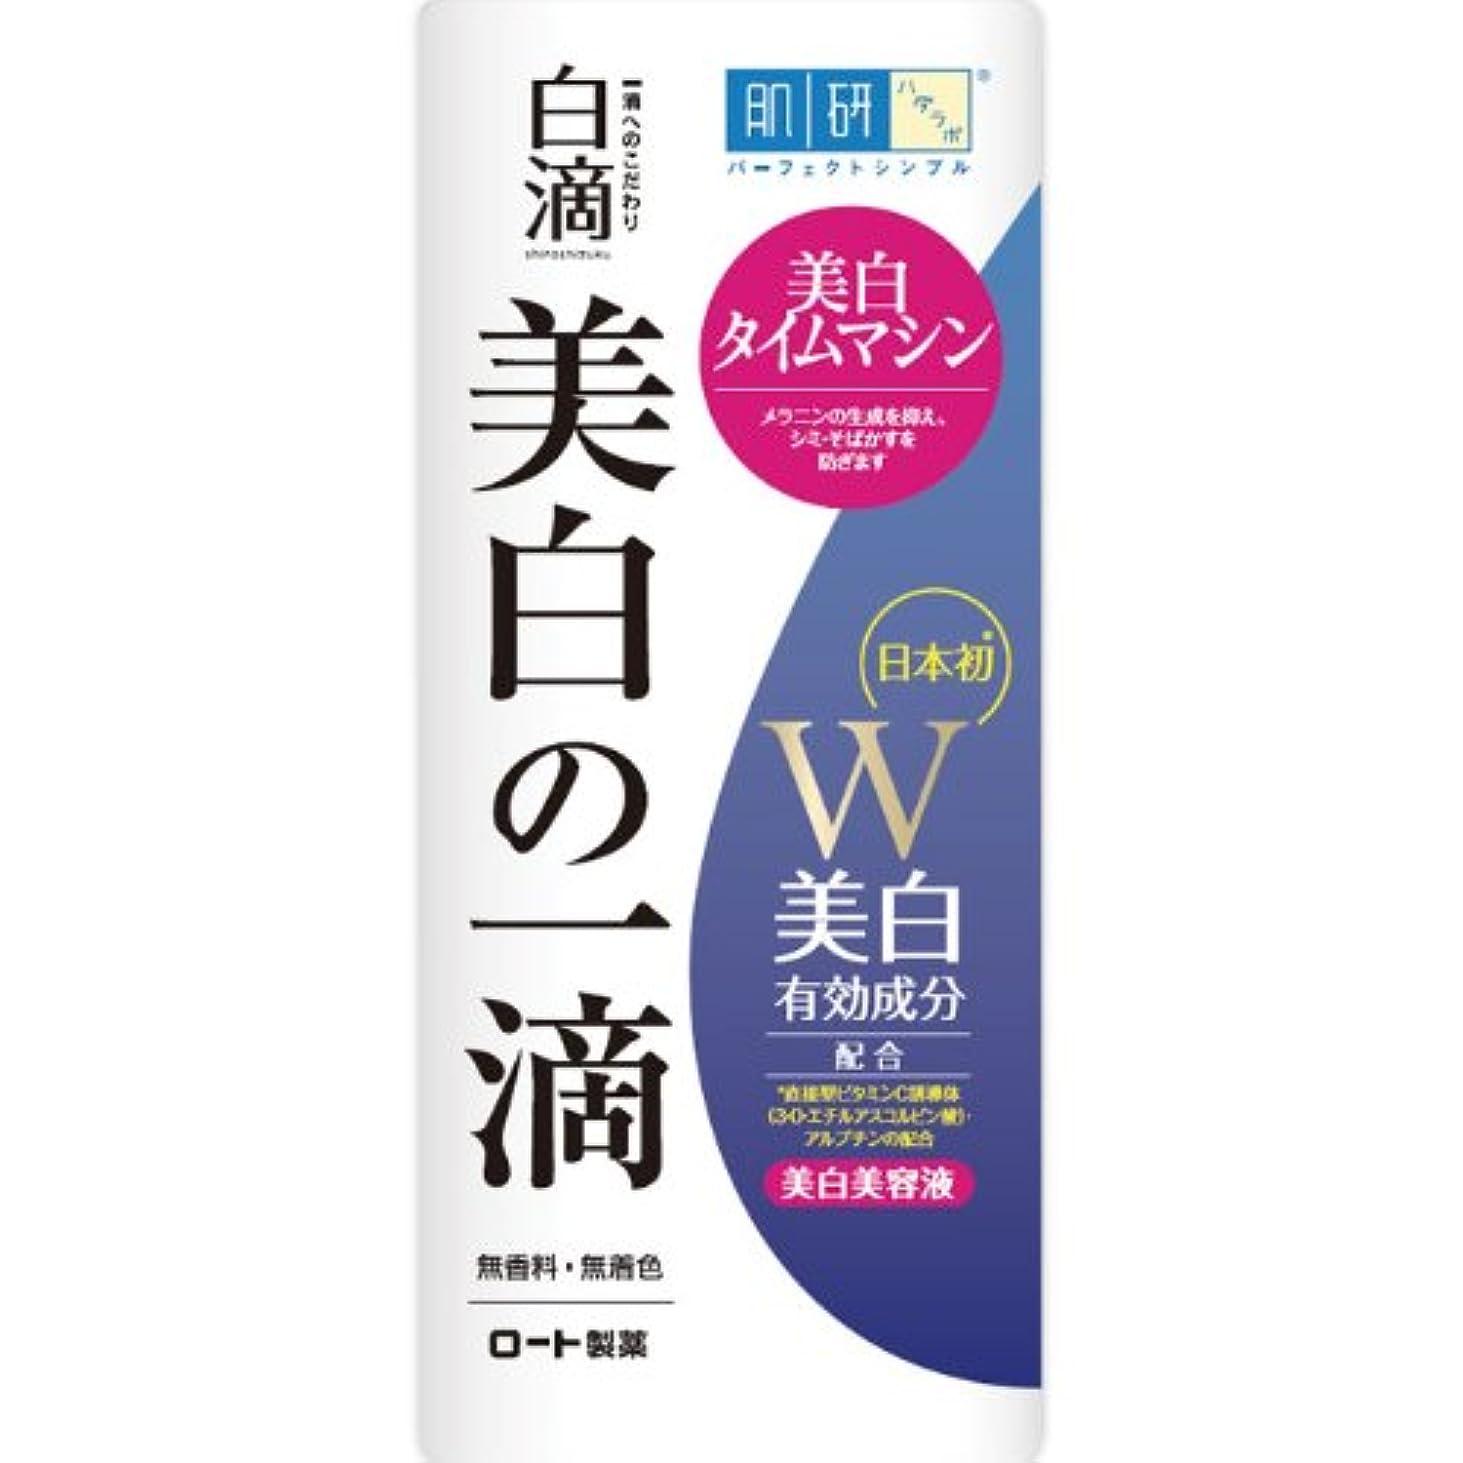 報酬のフォルダ差し控える【医薬部外品】肌研(ハダラボ) 白滴 (シロシズク) 美白の一滴 45mL